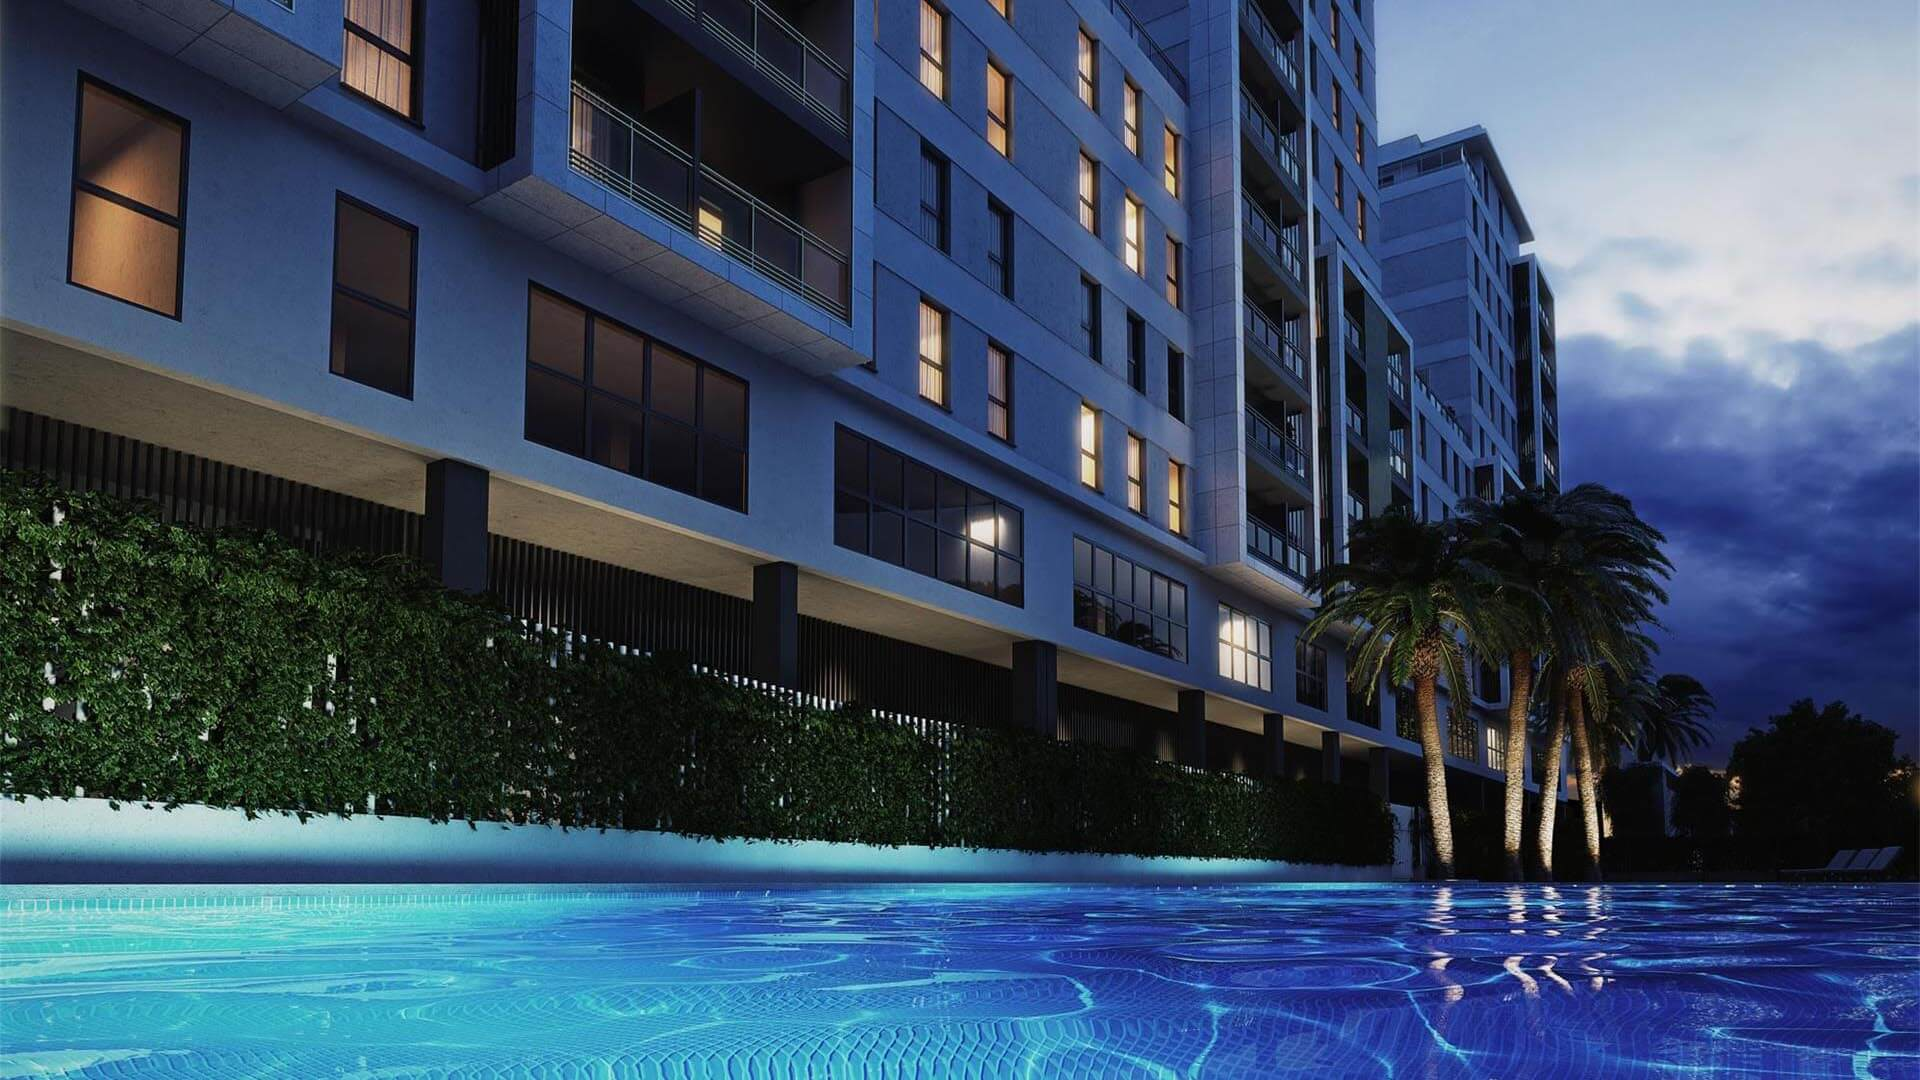 Новая квартира в Валенсии 3 спальных комнаты в районе Campanar